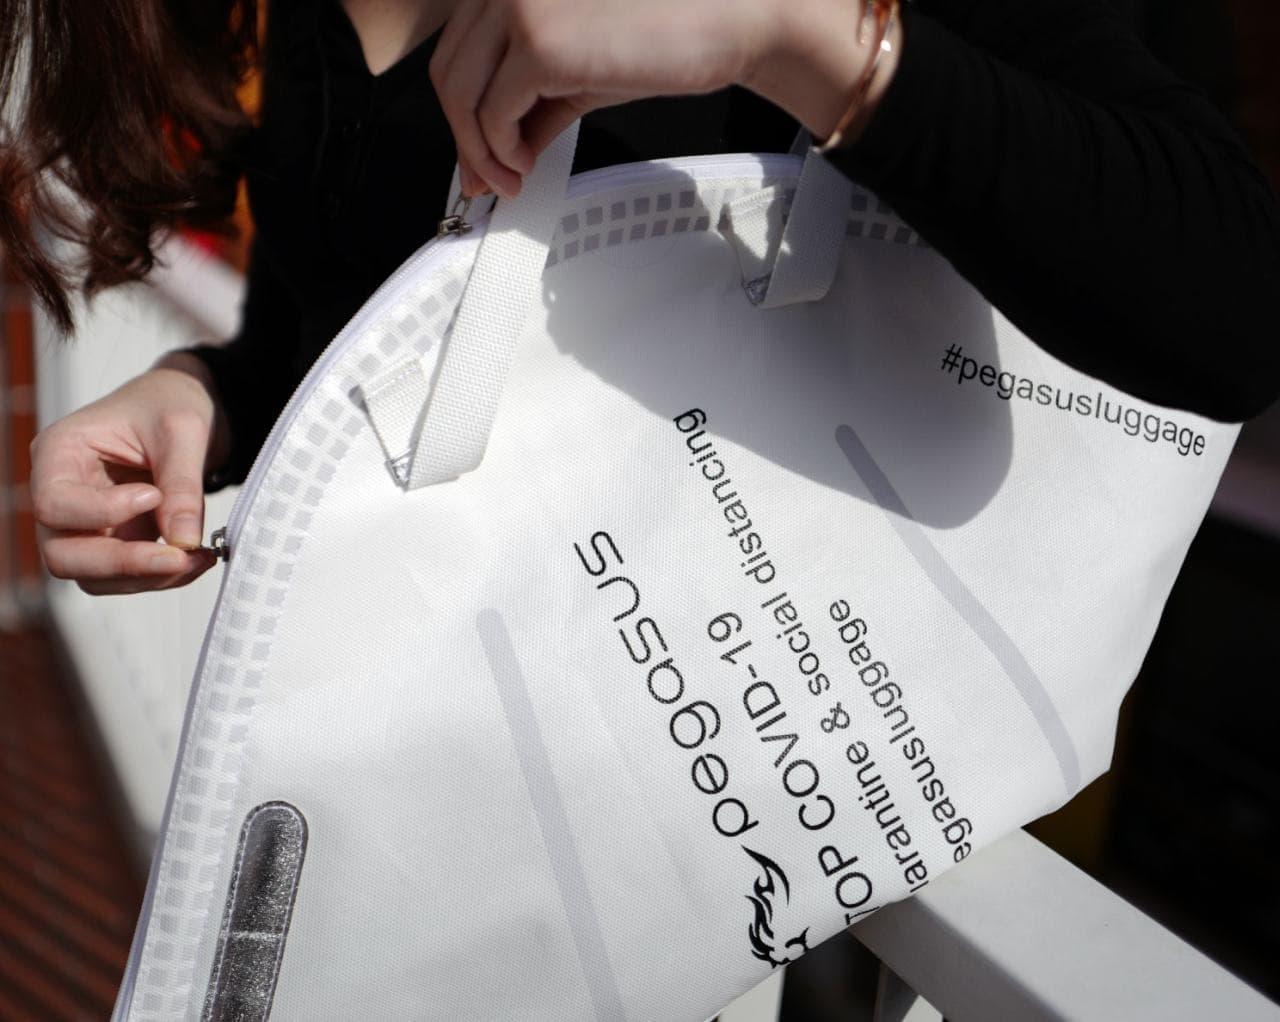 マスク型のバッグ「Quarantine」マスクに合わせてバッグをコーディネート